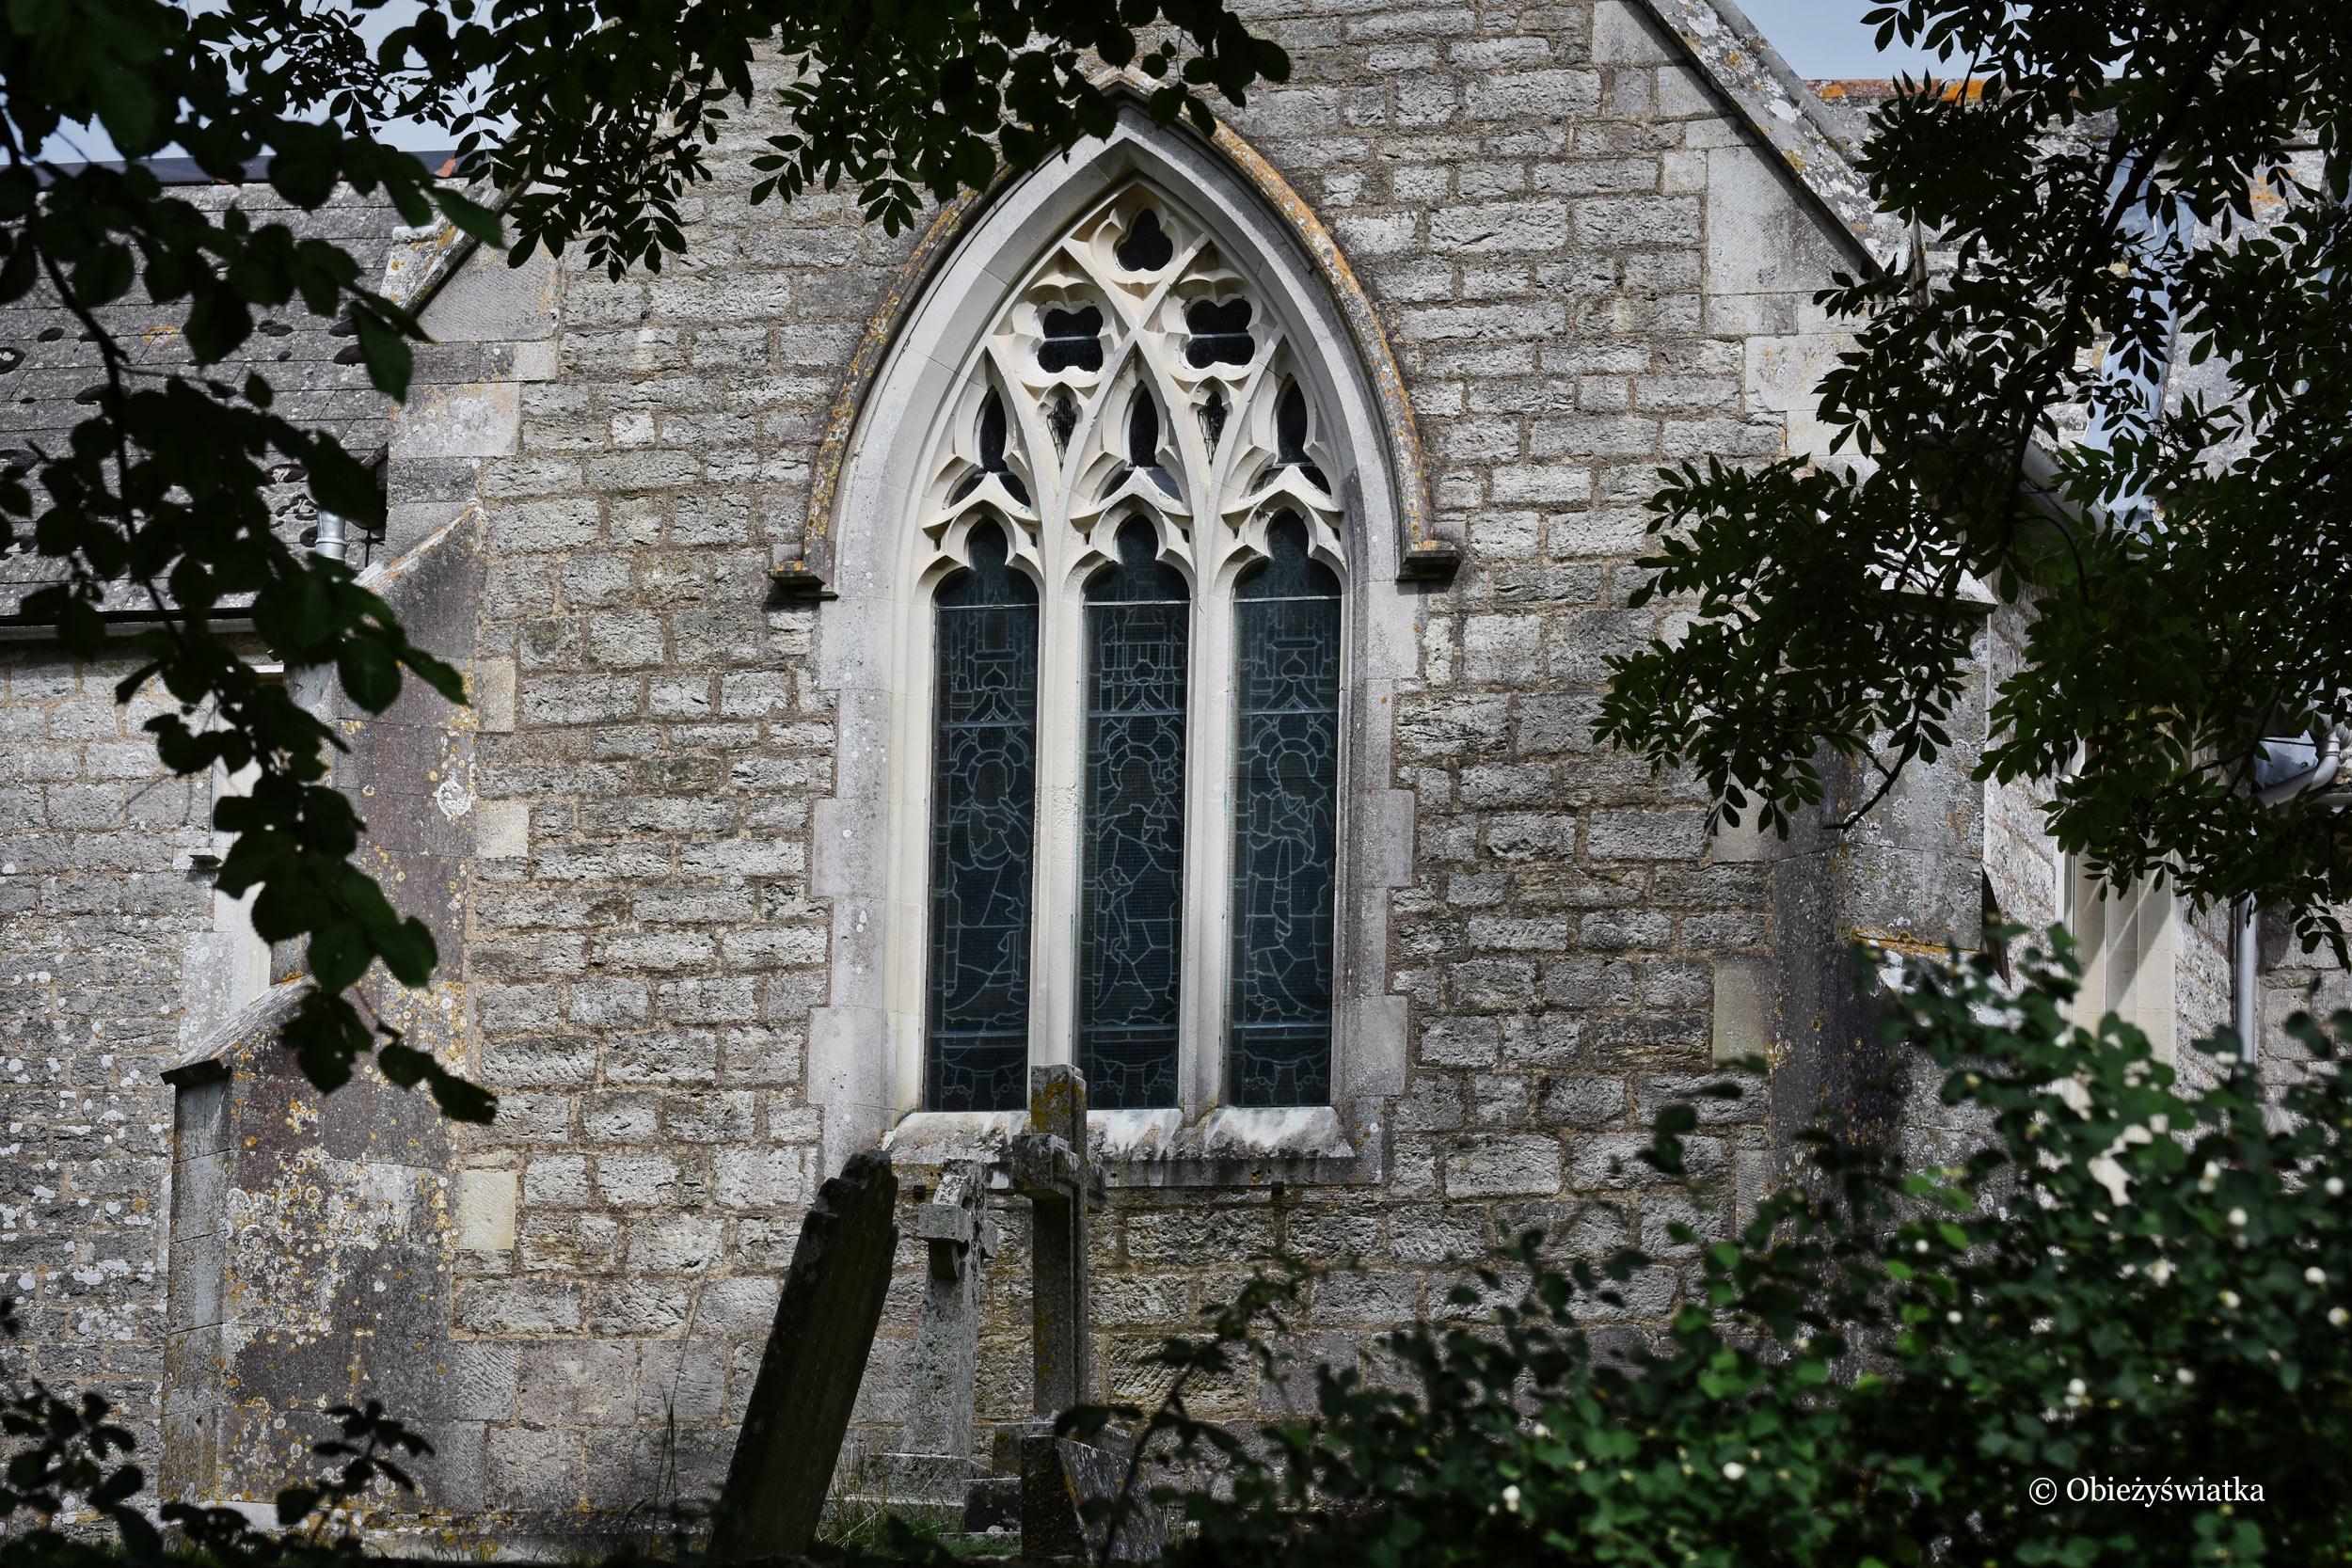 Tyneham - kościółek - St. Mary's church